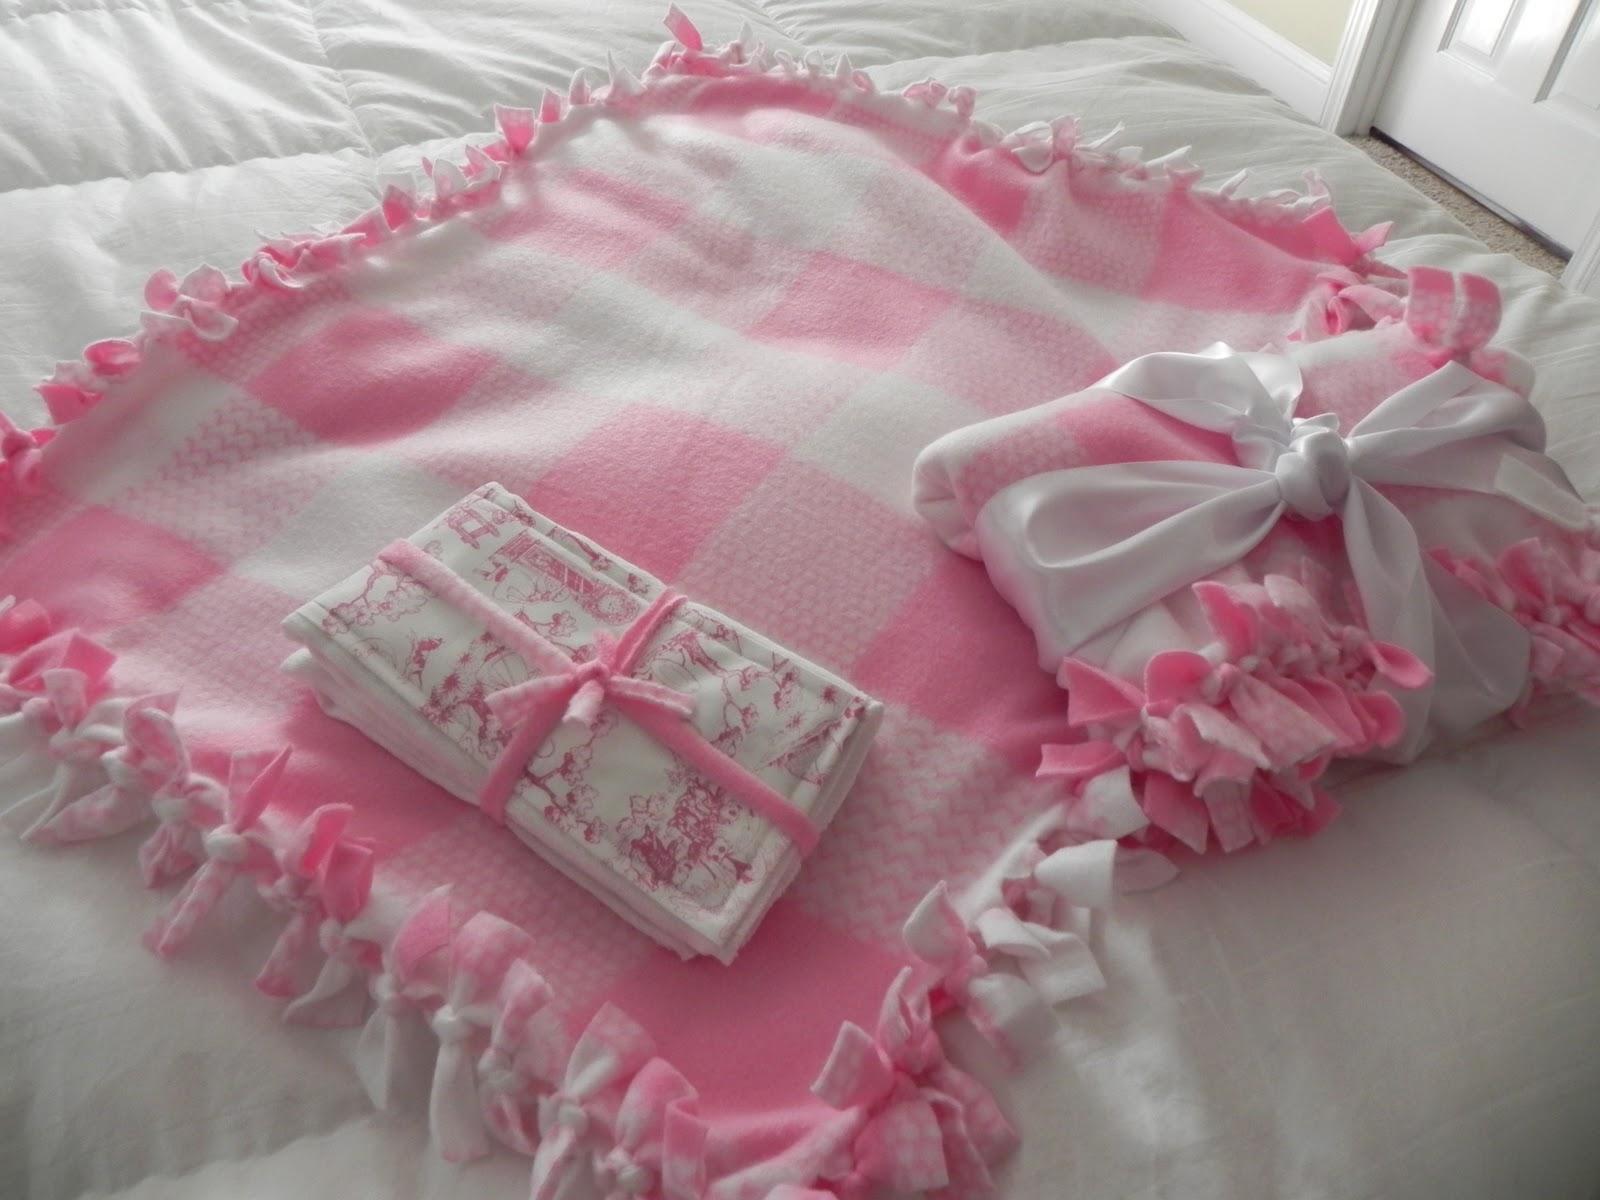 LIFES LITTLE GARDEN: No Sew Fleece Baby Blanket